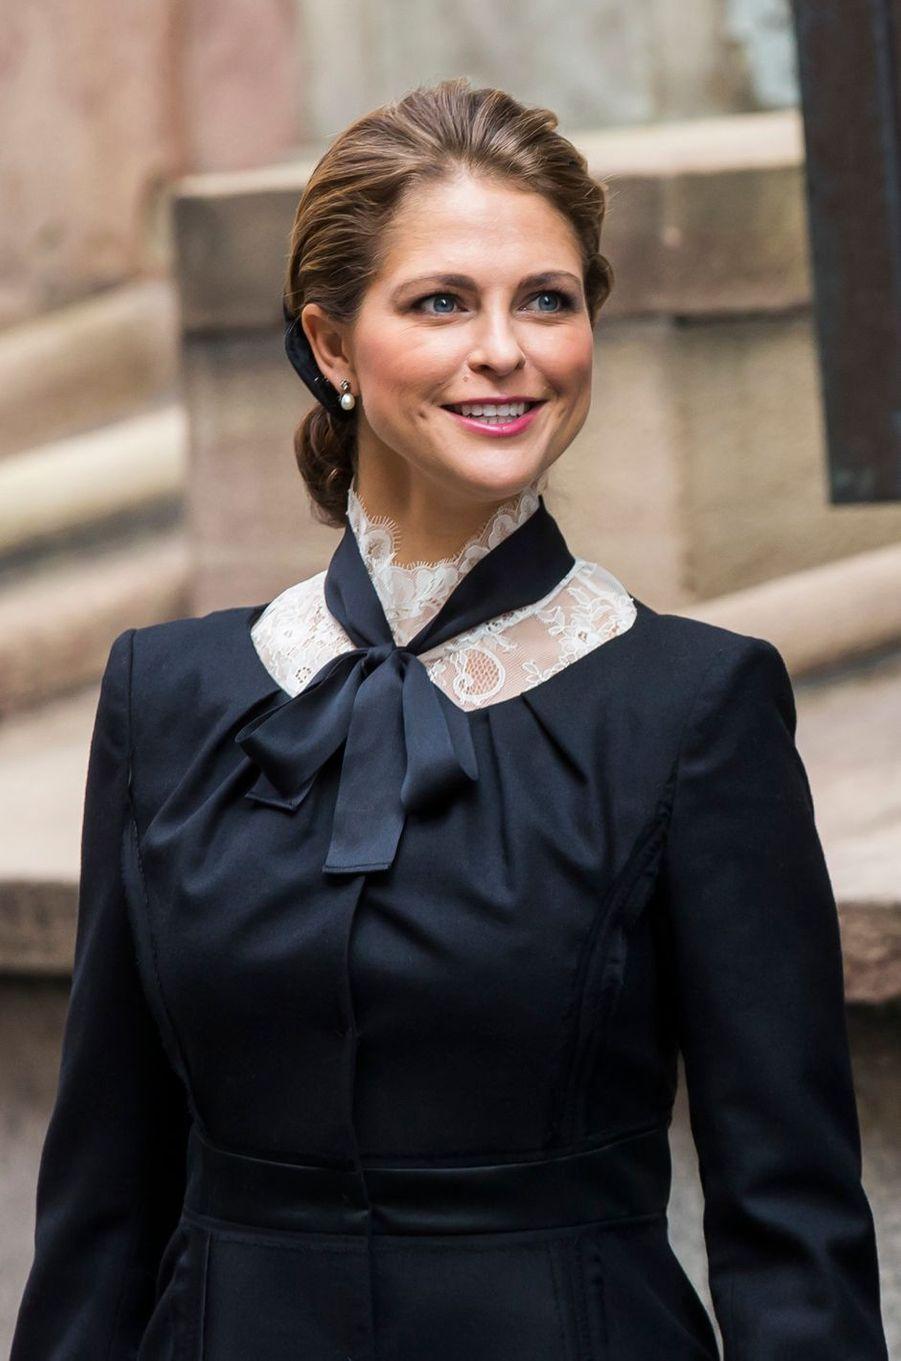 La princesse Madeleine de Suède à Stockholm, le 13 septembre 2016